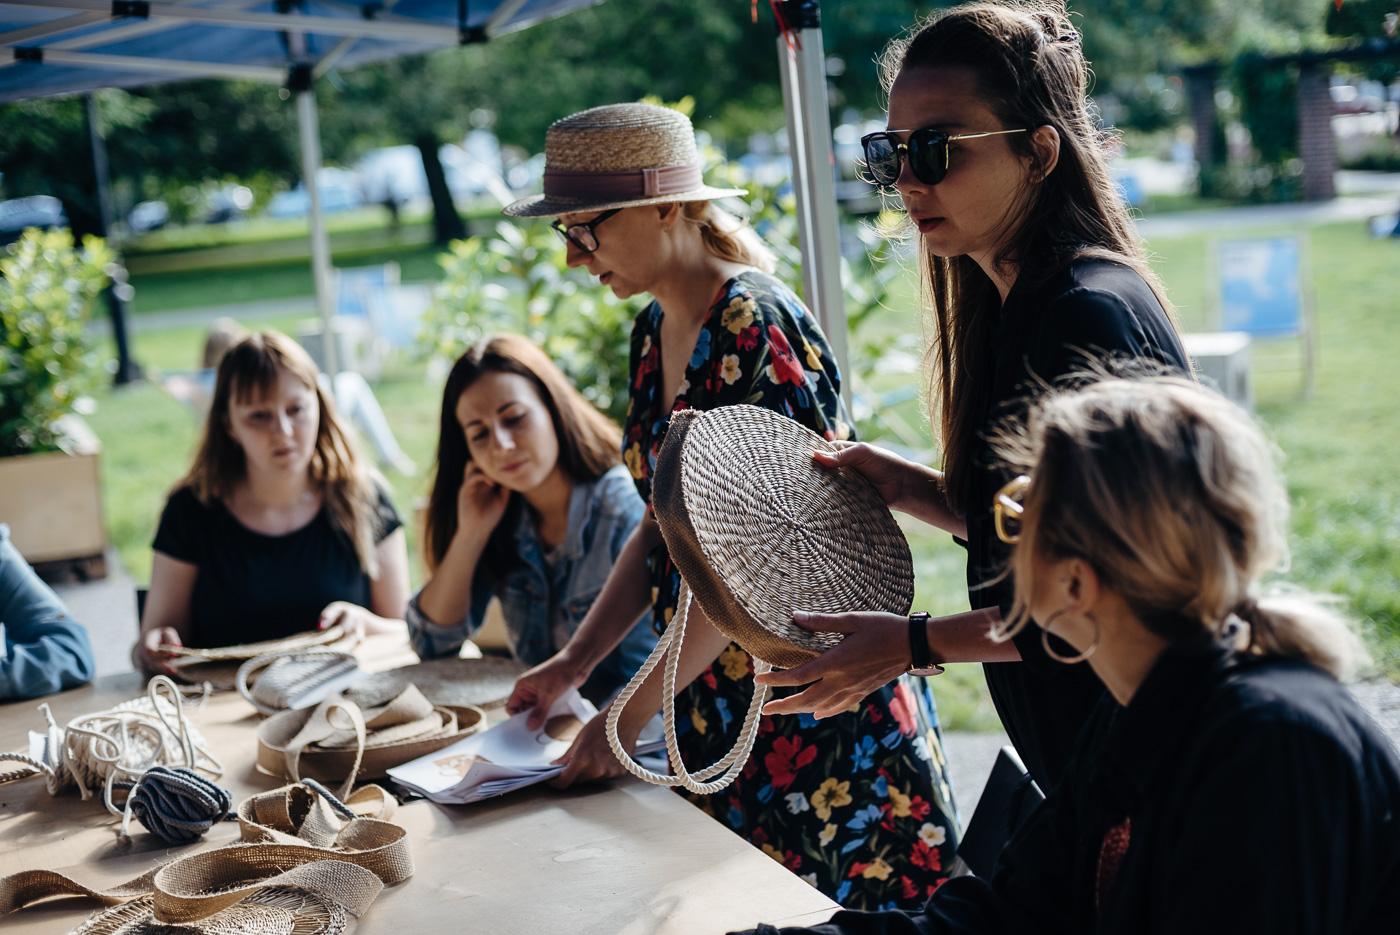 Masz pomysł na działanie kulturalne na gdańskich Siedlcach? Weź udział w konkursie programu Otwarty IKM